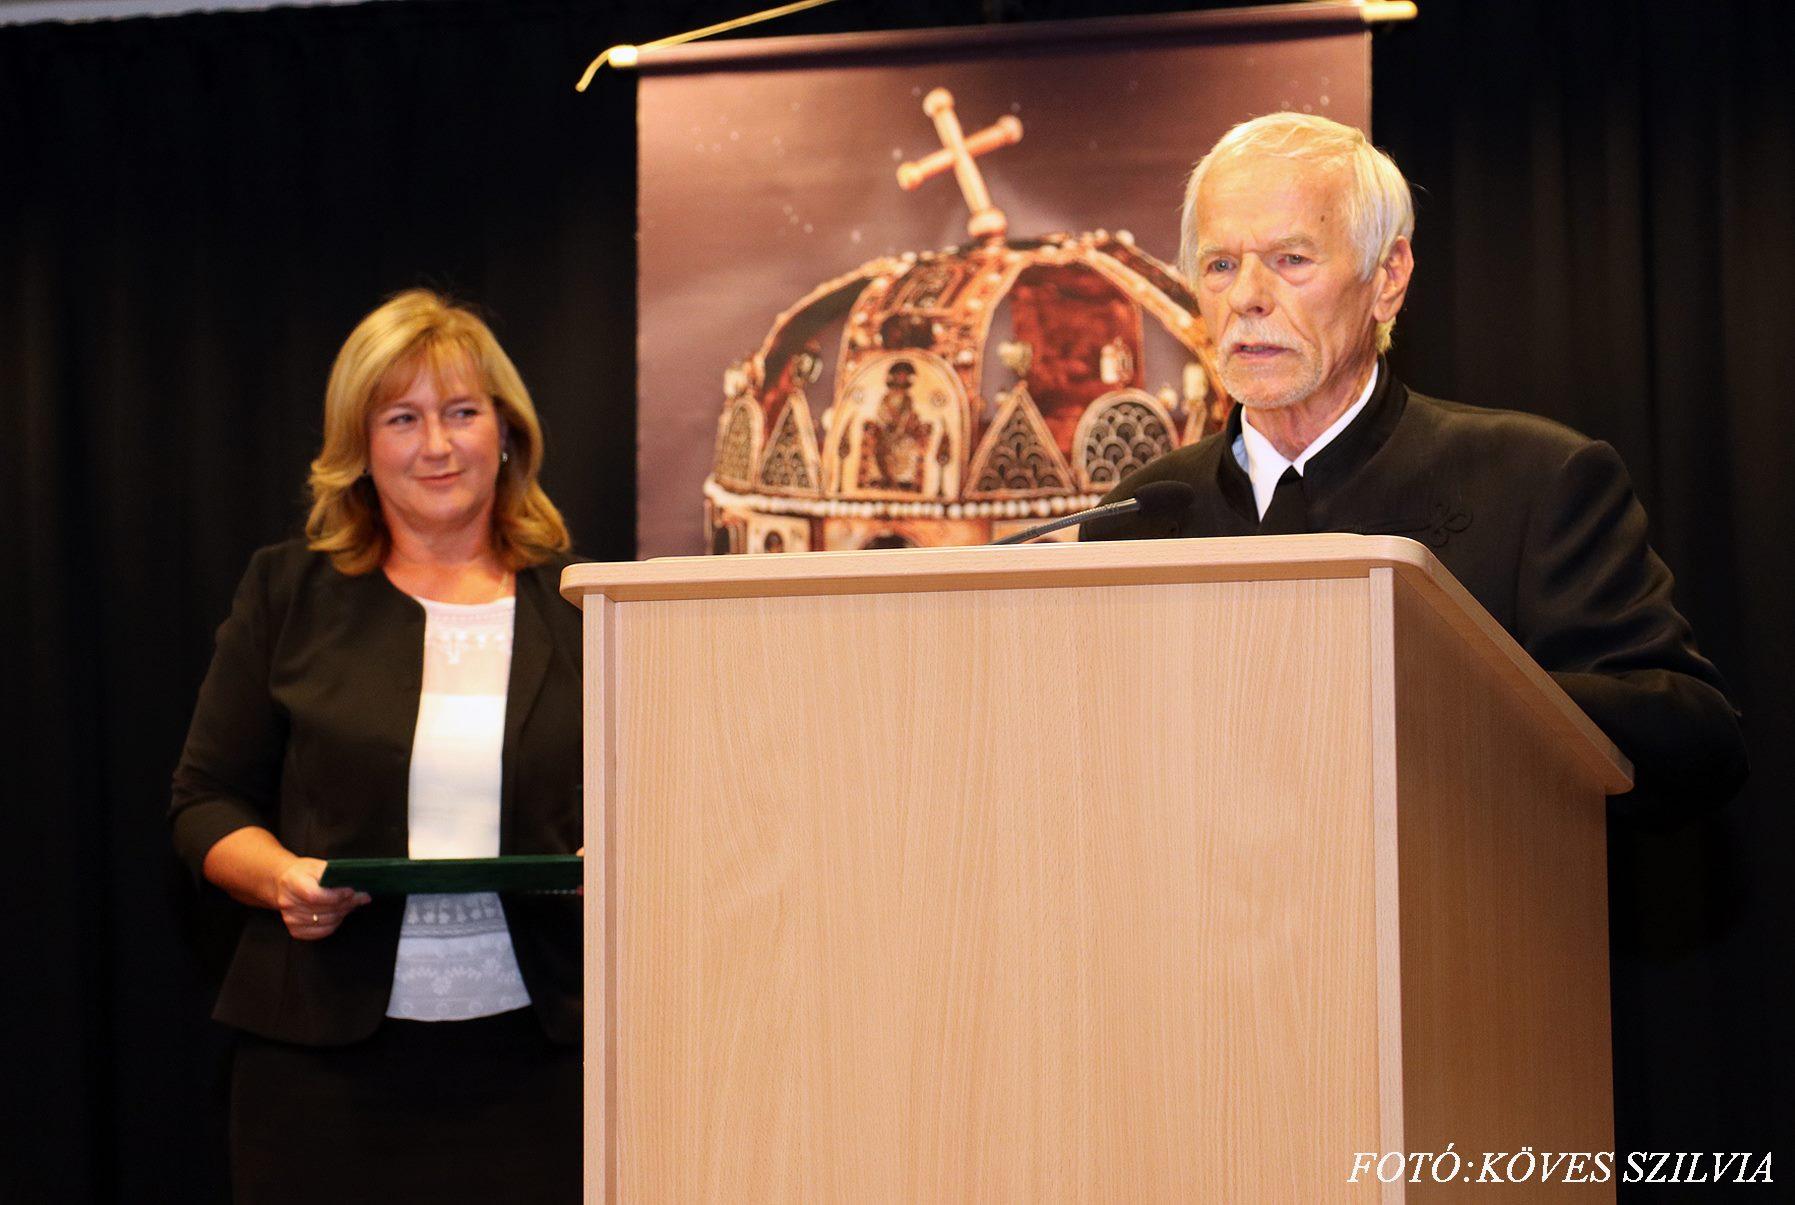 Janits Béla a díj átadása után megköszöni a laudációt 2018. augusztus 20.